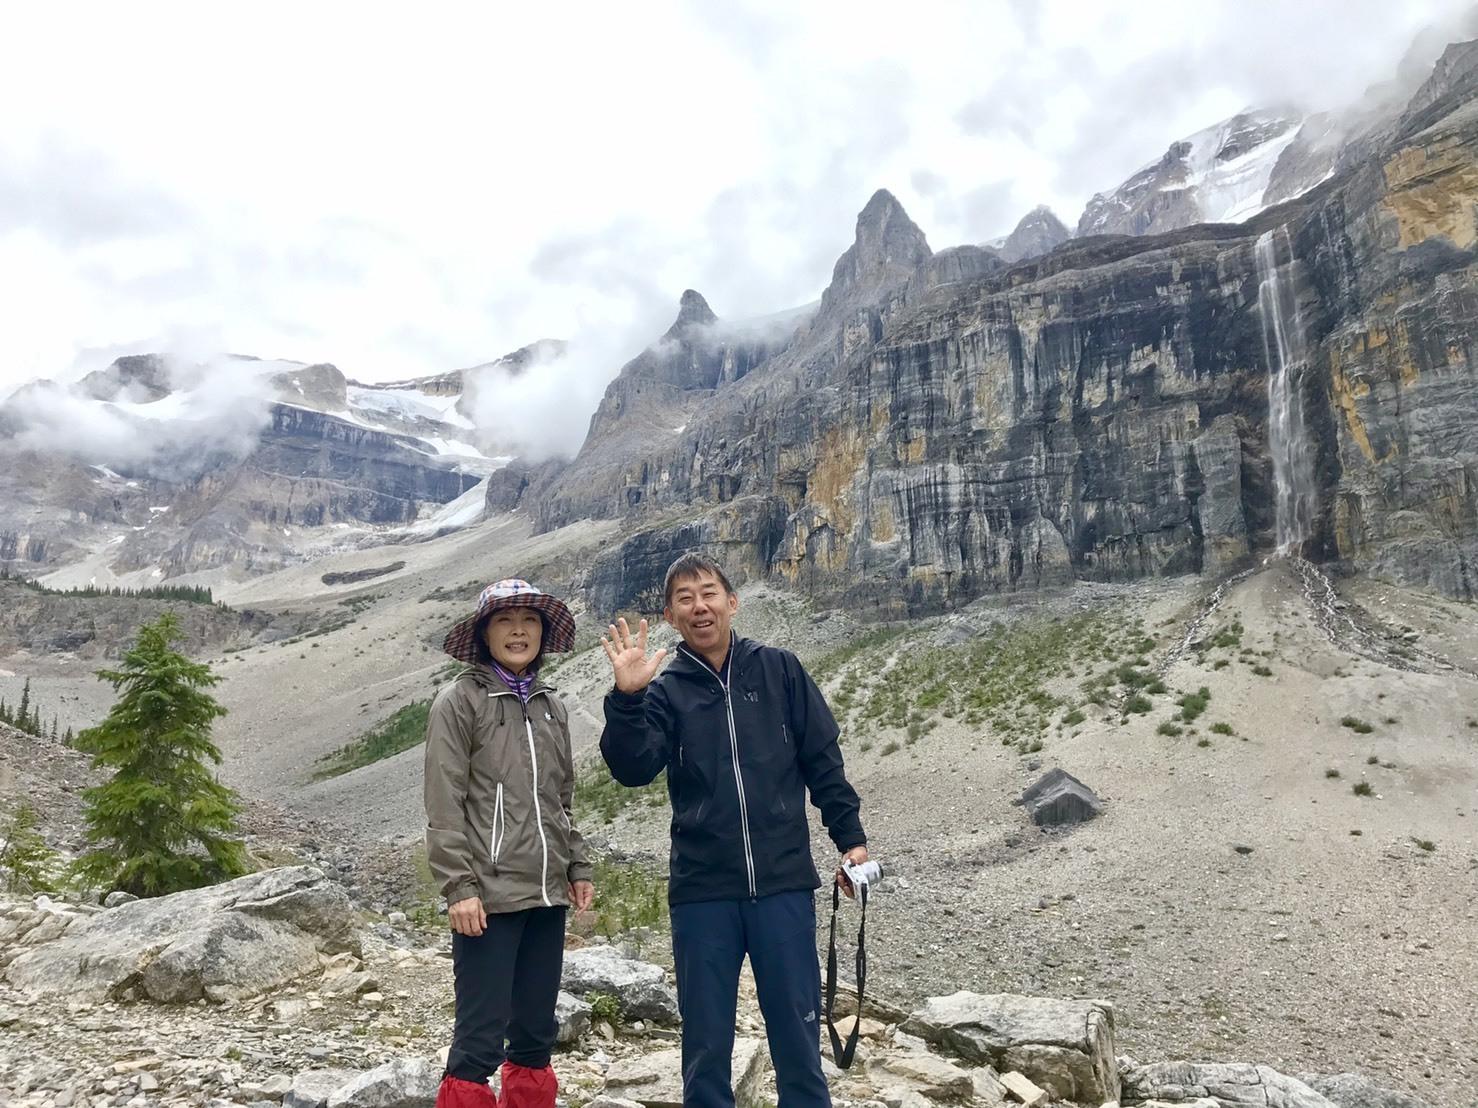 出会いの山旅!坂井夫妻と行く5日間のロッキーハイキング_d0112928_12373125.jpg